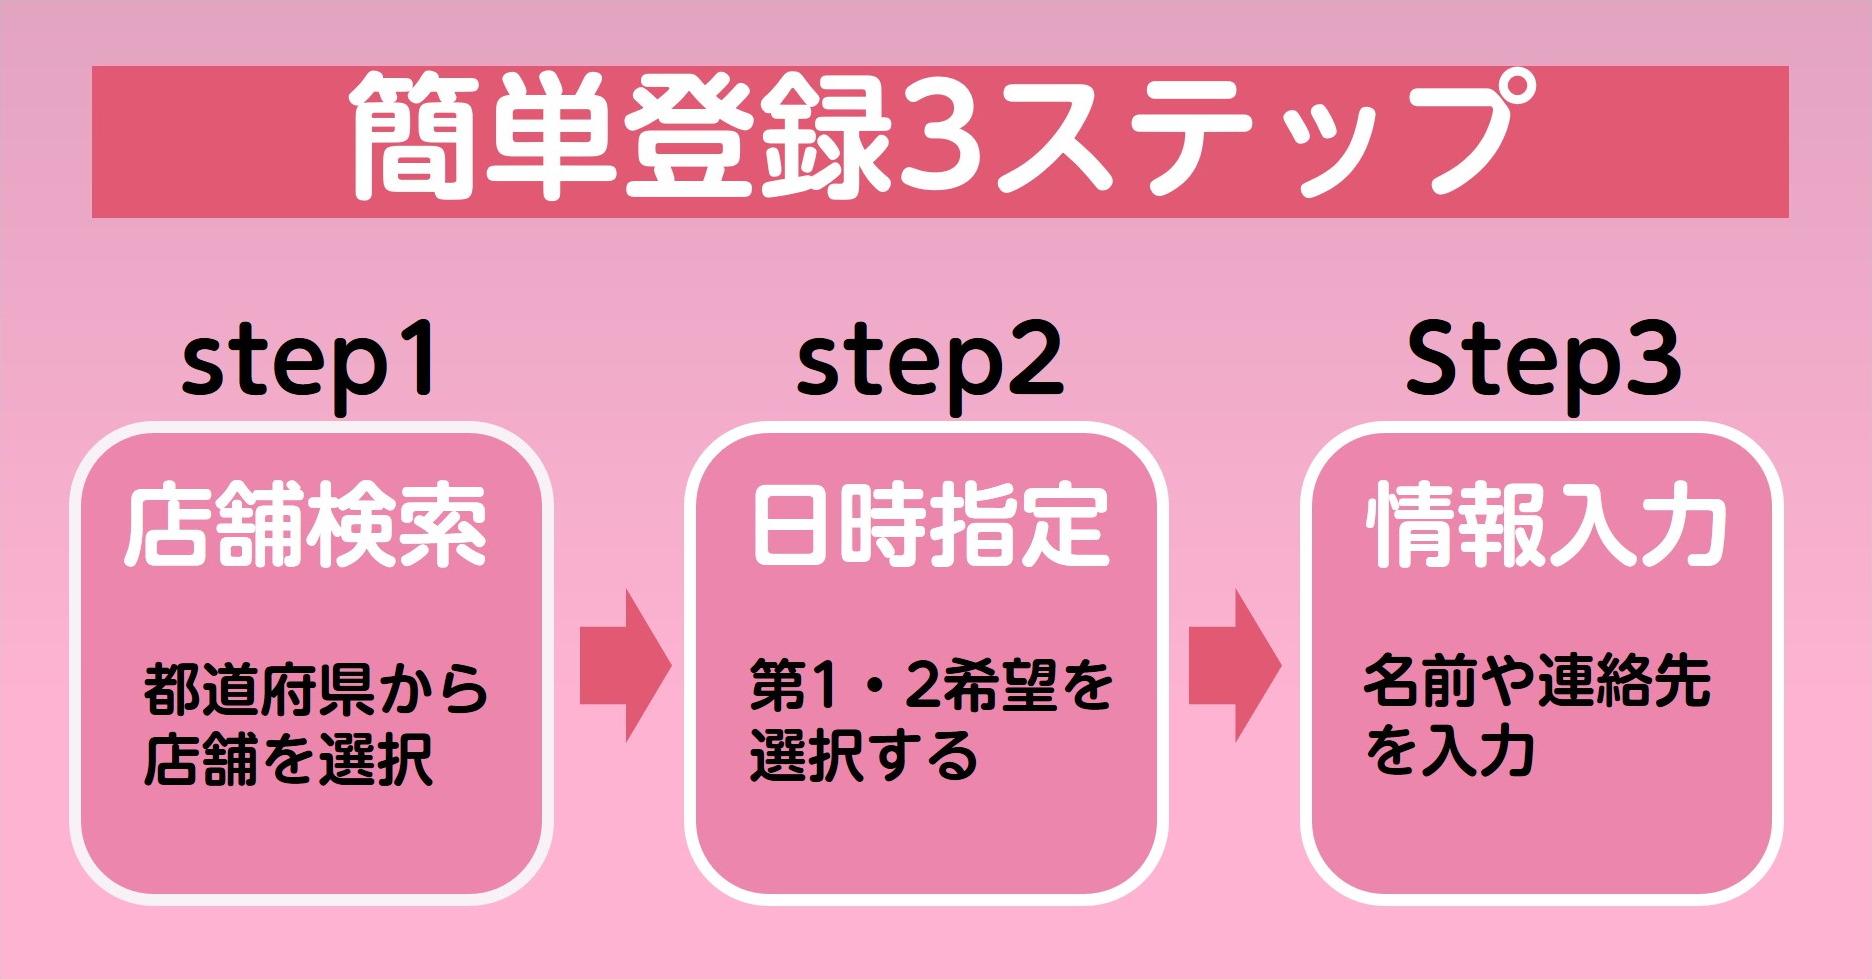 簡単登録3ステップ